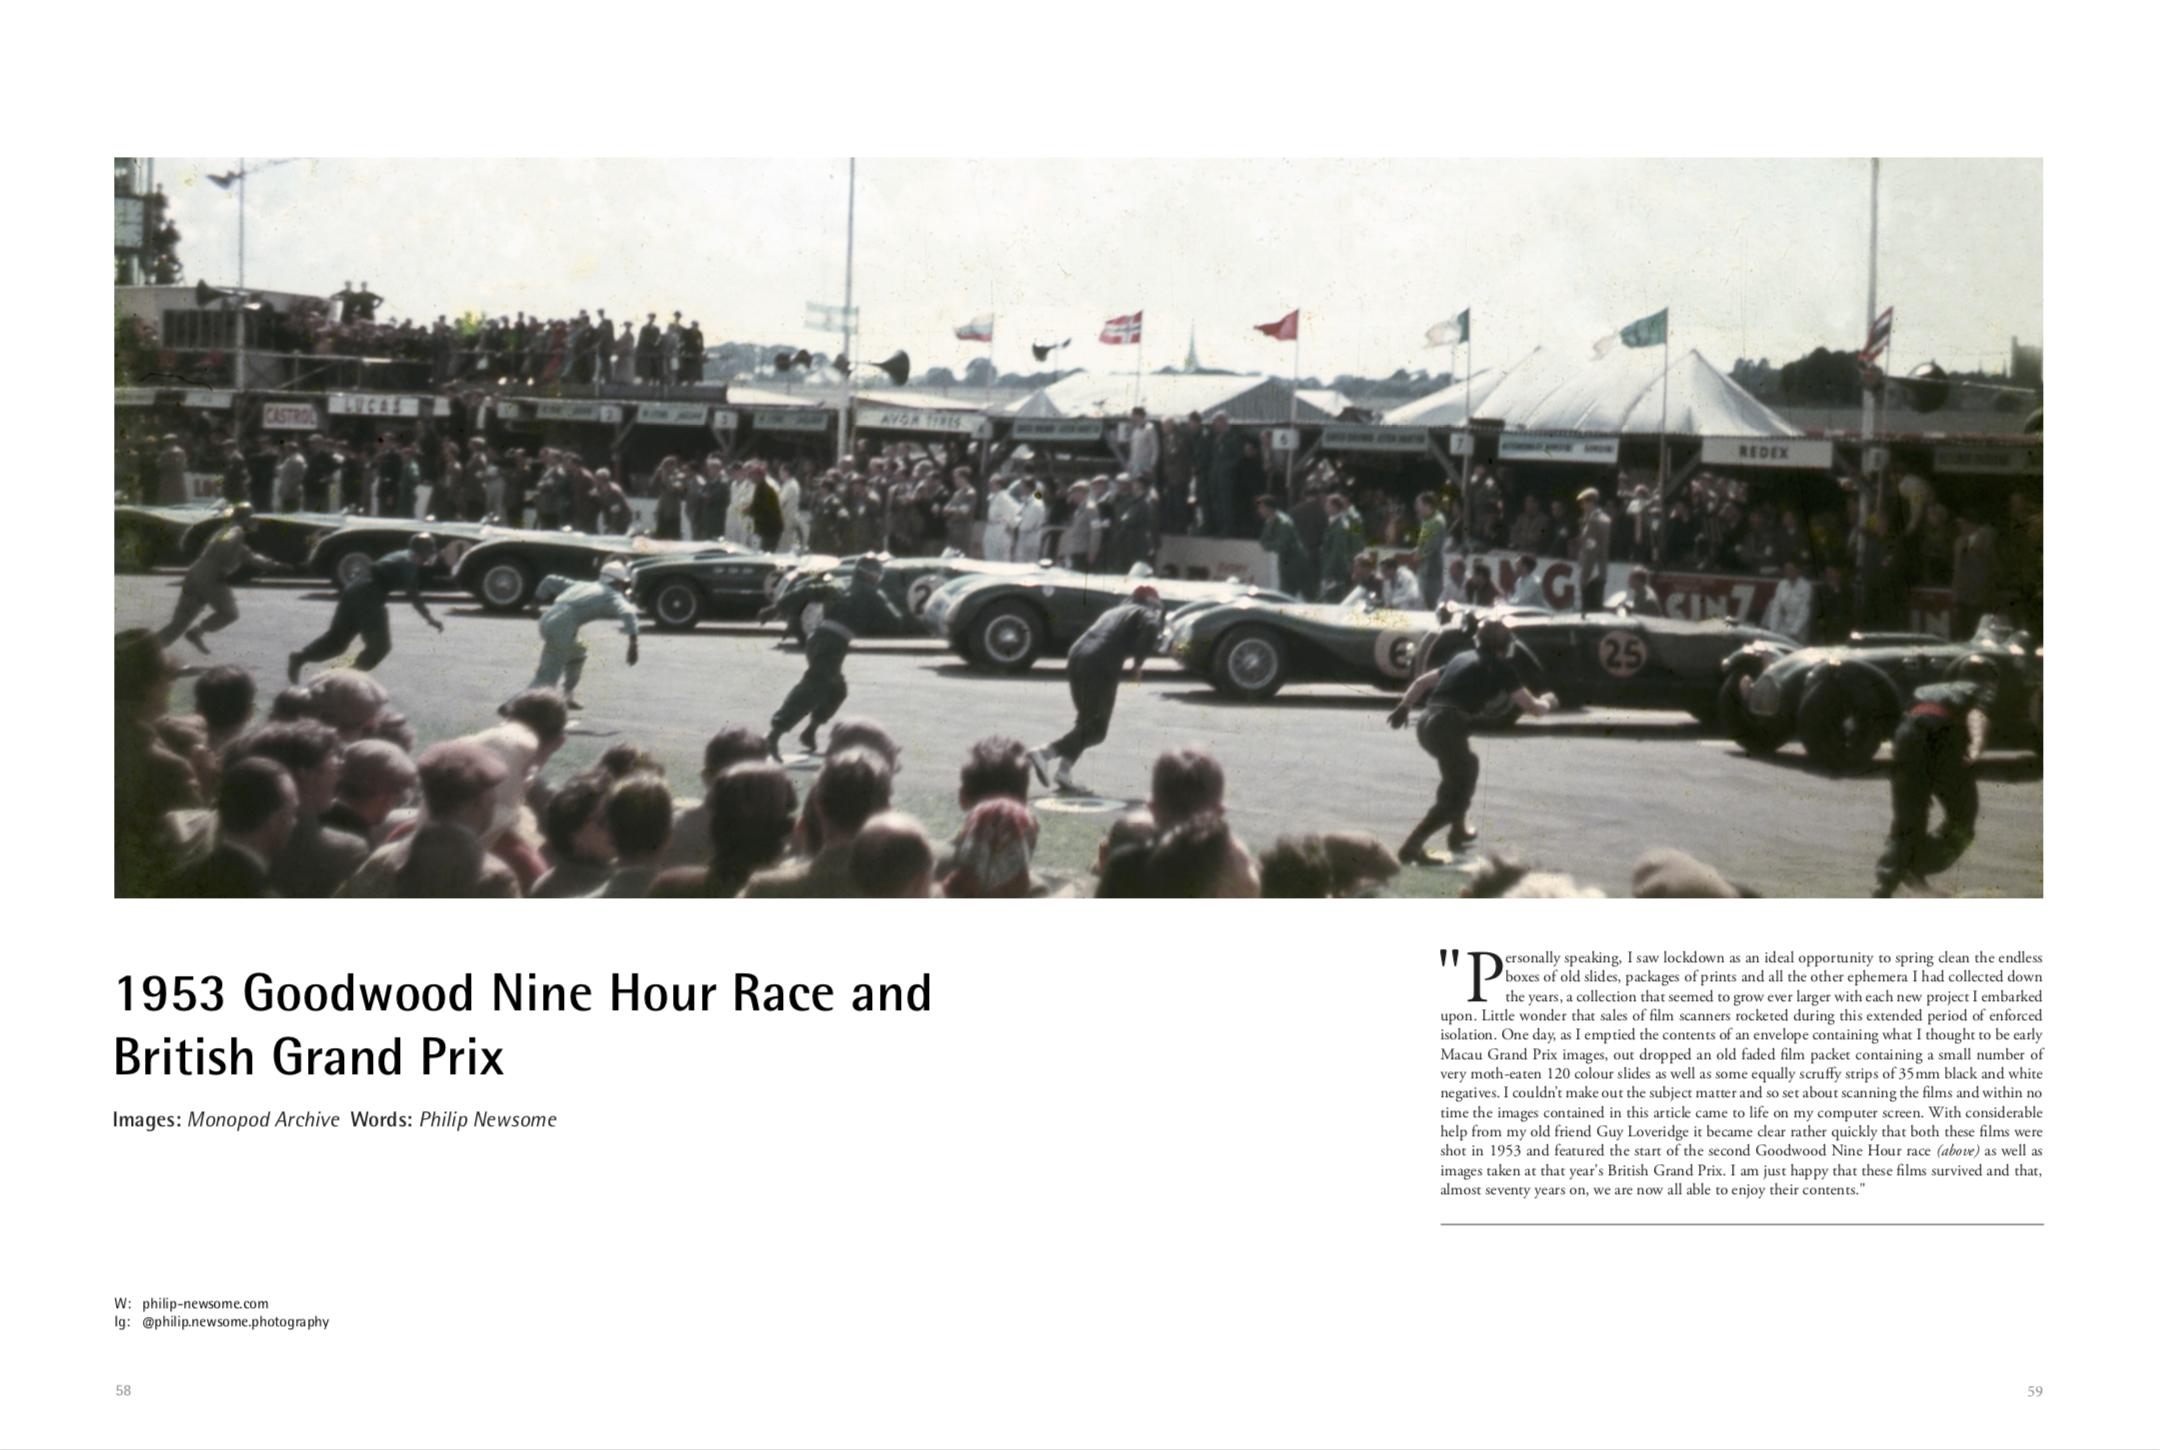 1953 Goodwood 9 Hours